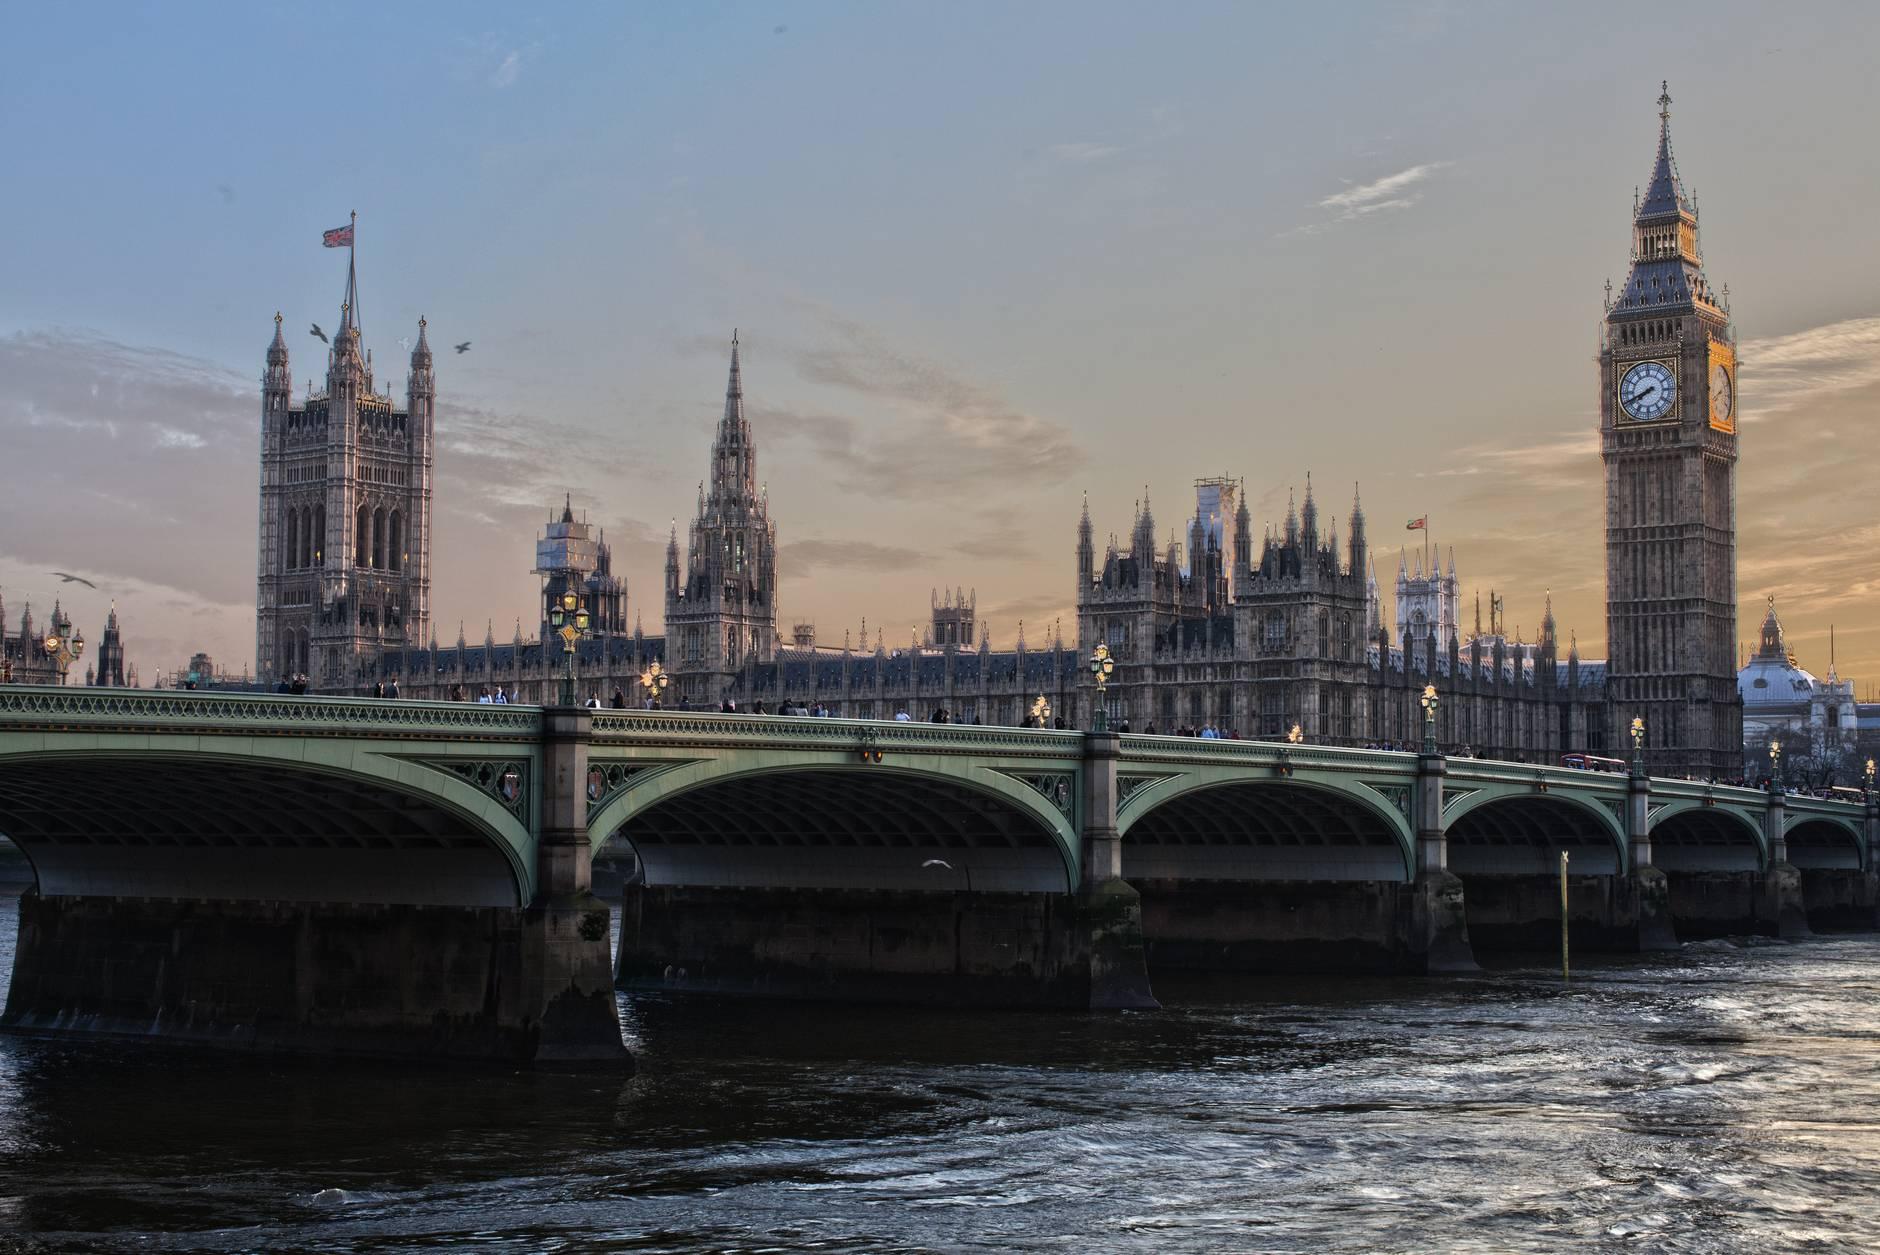 bridge over river in city in London